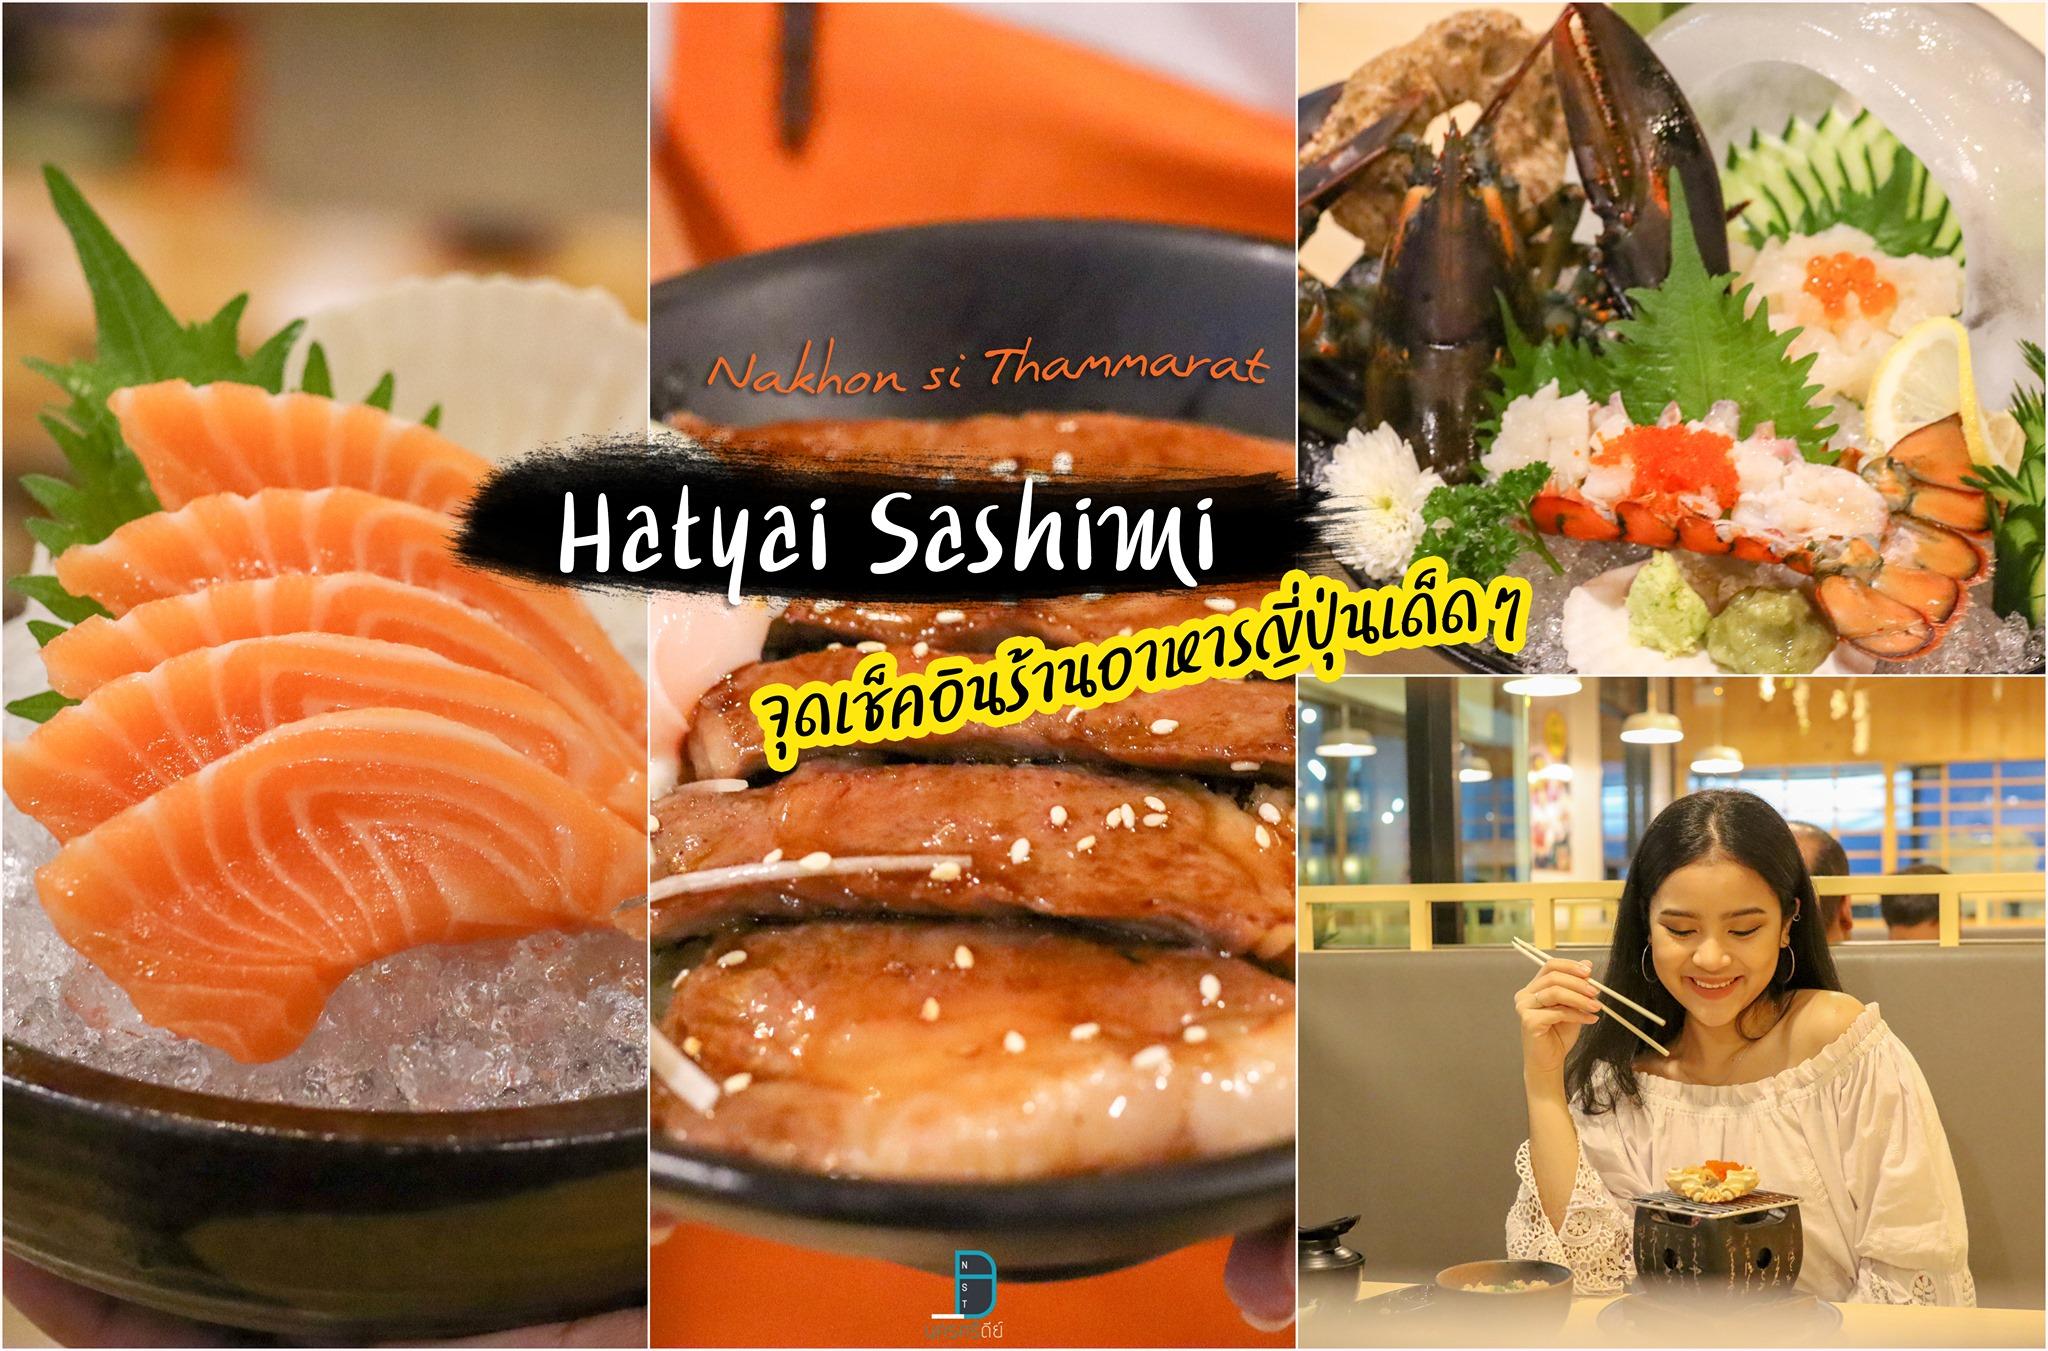 Hatyai Sashimi นครศรีธรรมราช จุดเช็คอินร้านอาหารญี่ปุ่นเด็ดๆ เมนูเยอะมวากกก